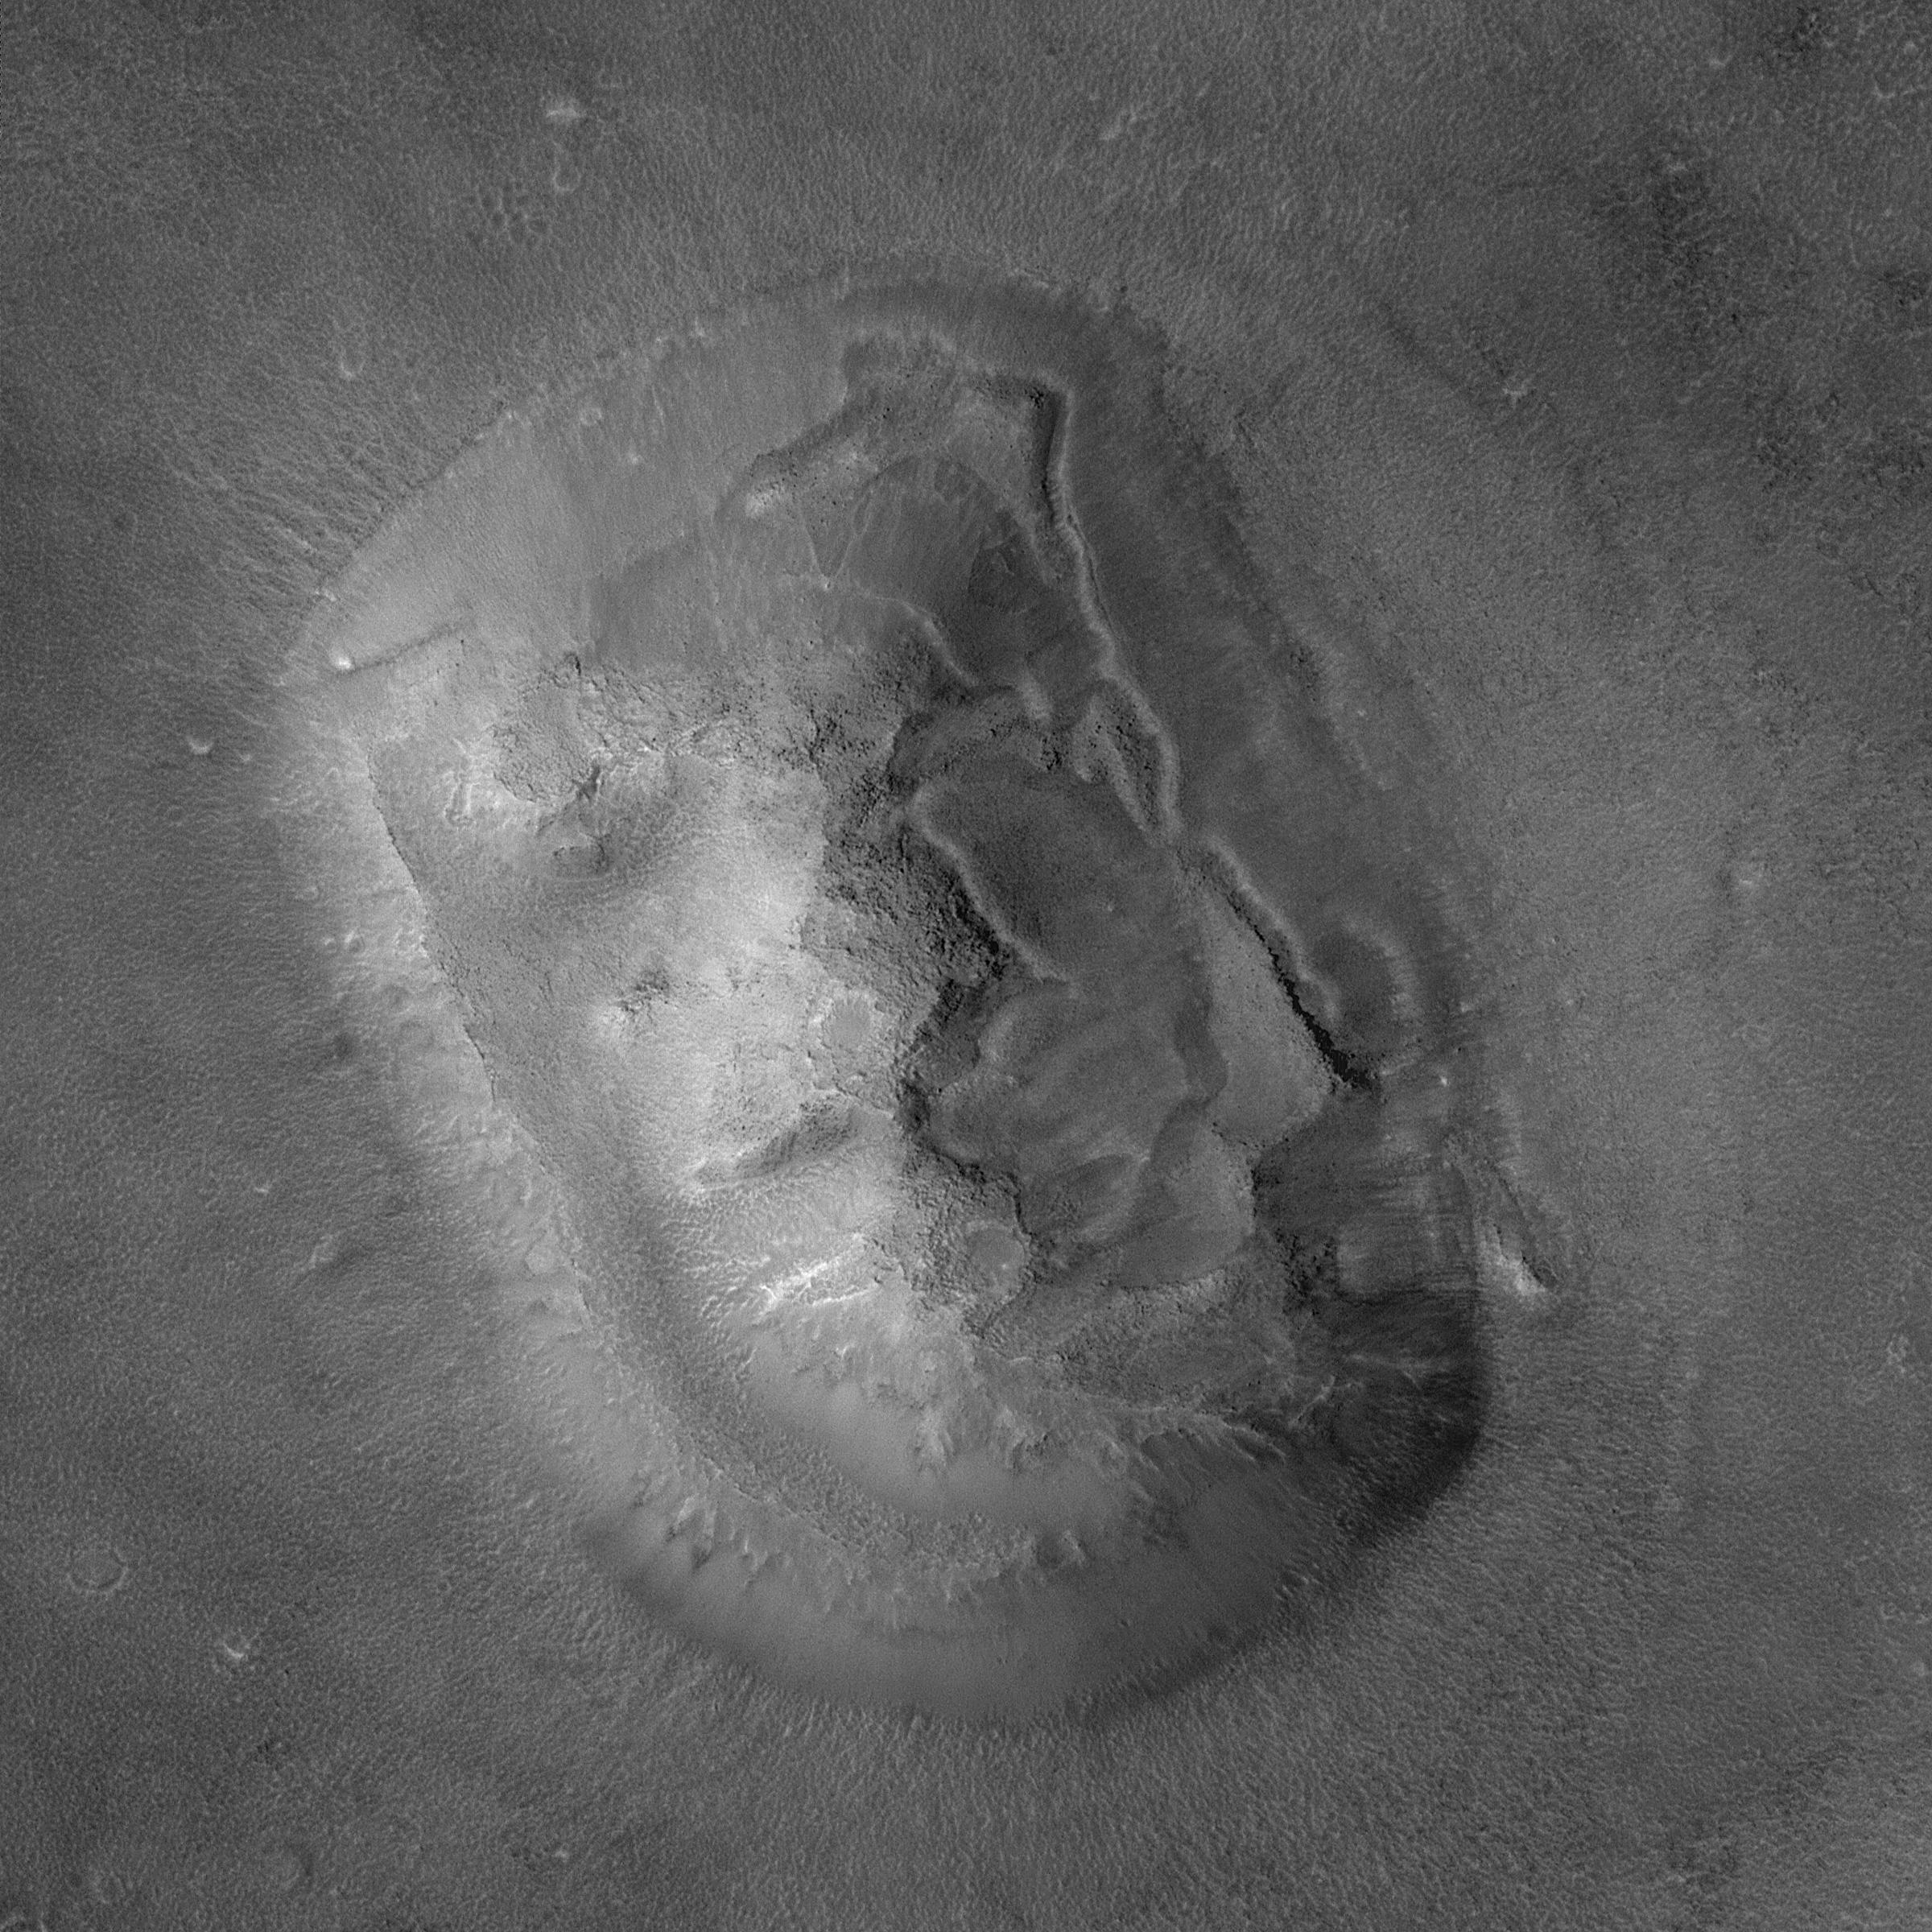 """Знаменитое """"Лицо на Марсе"""" в высоком качестве"""